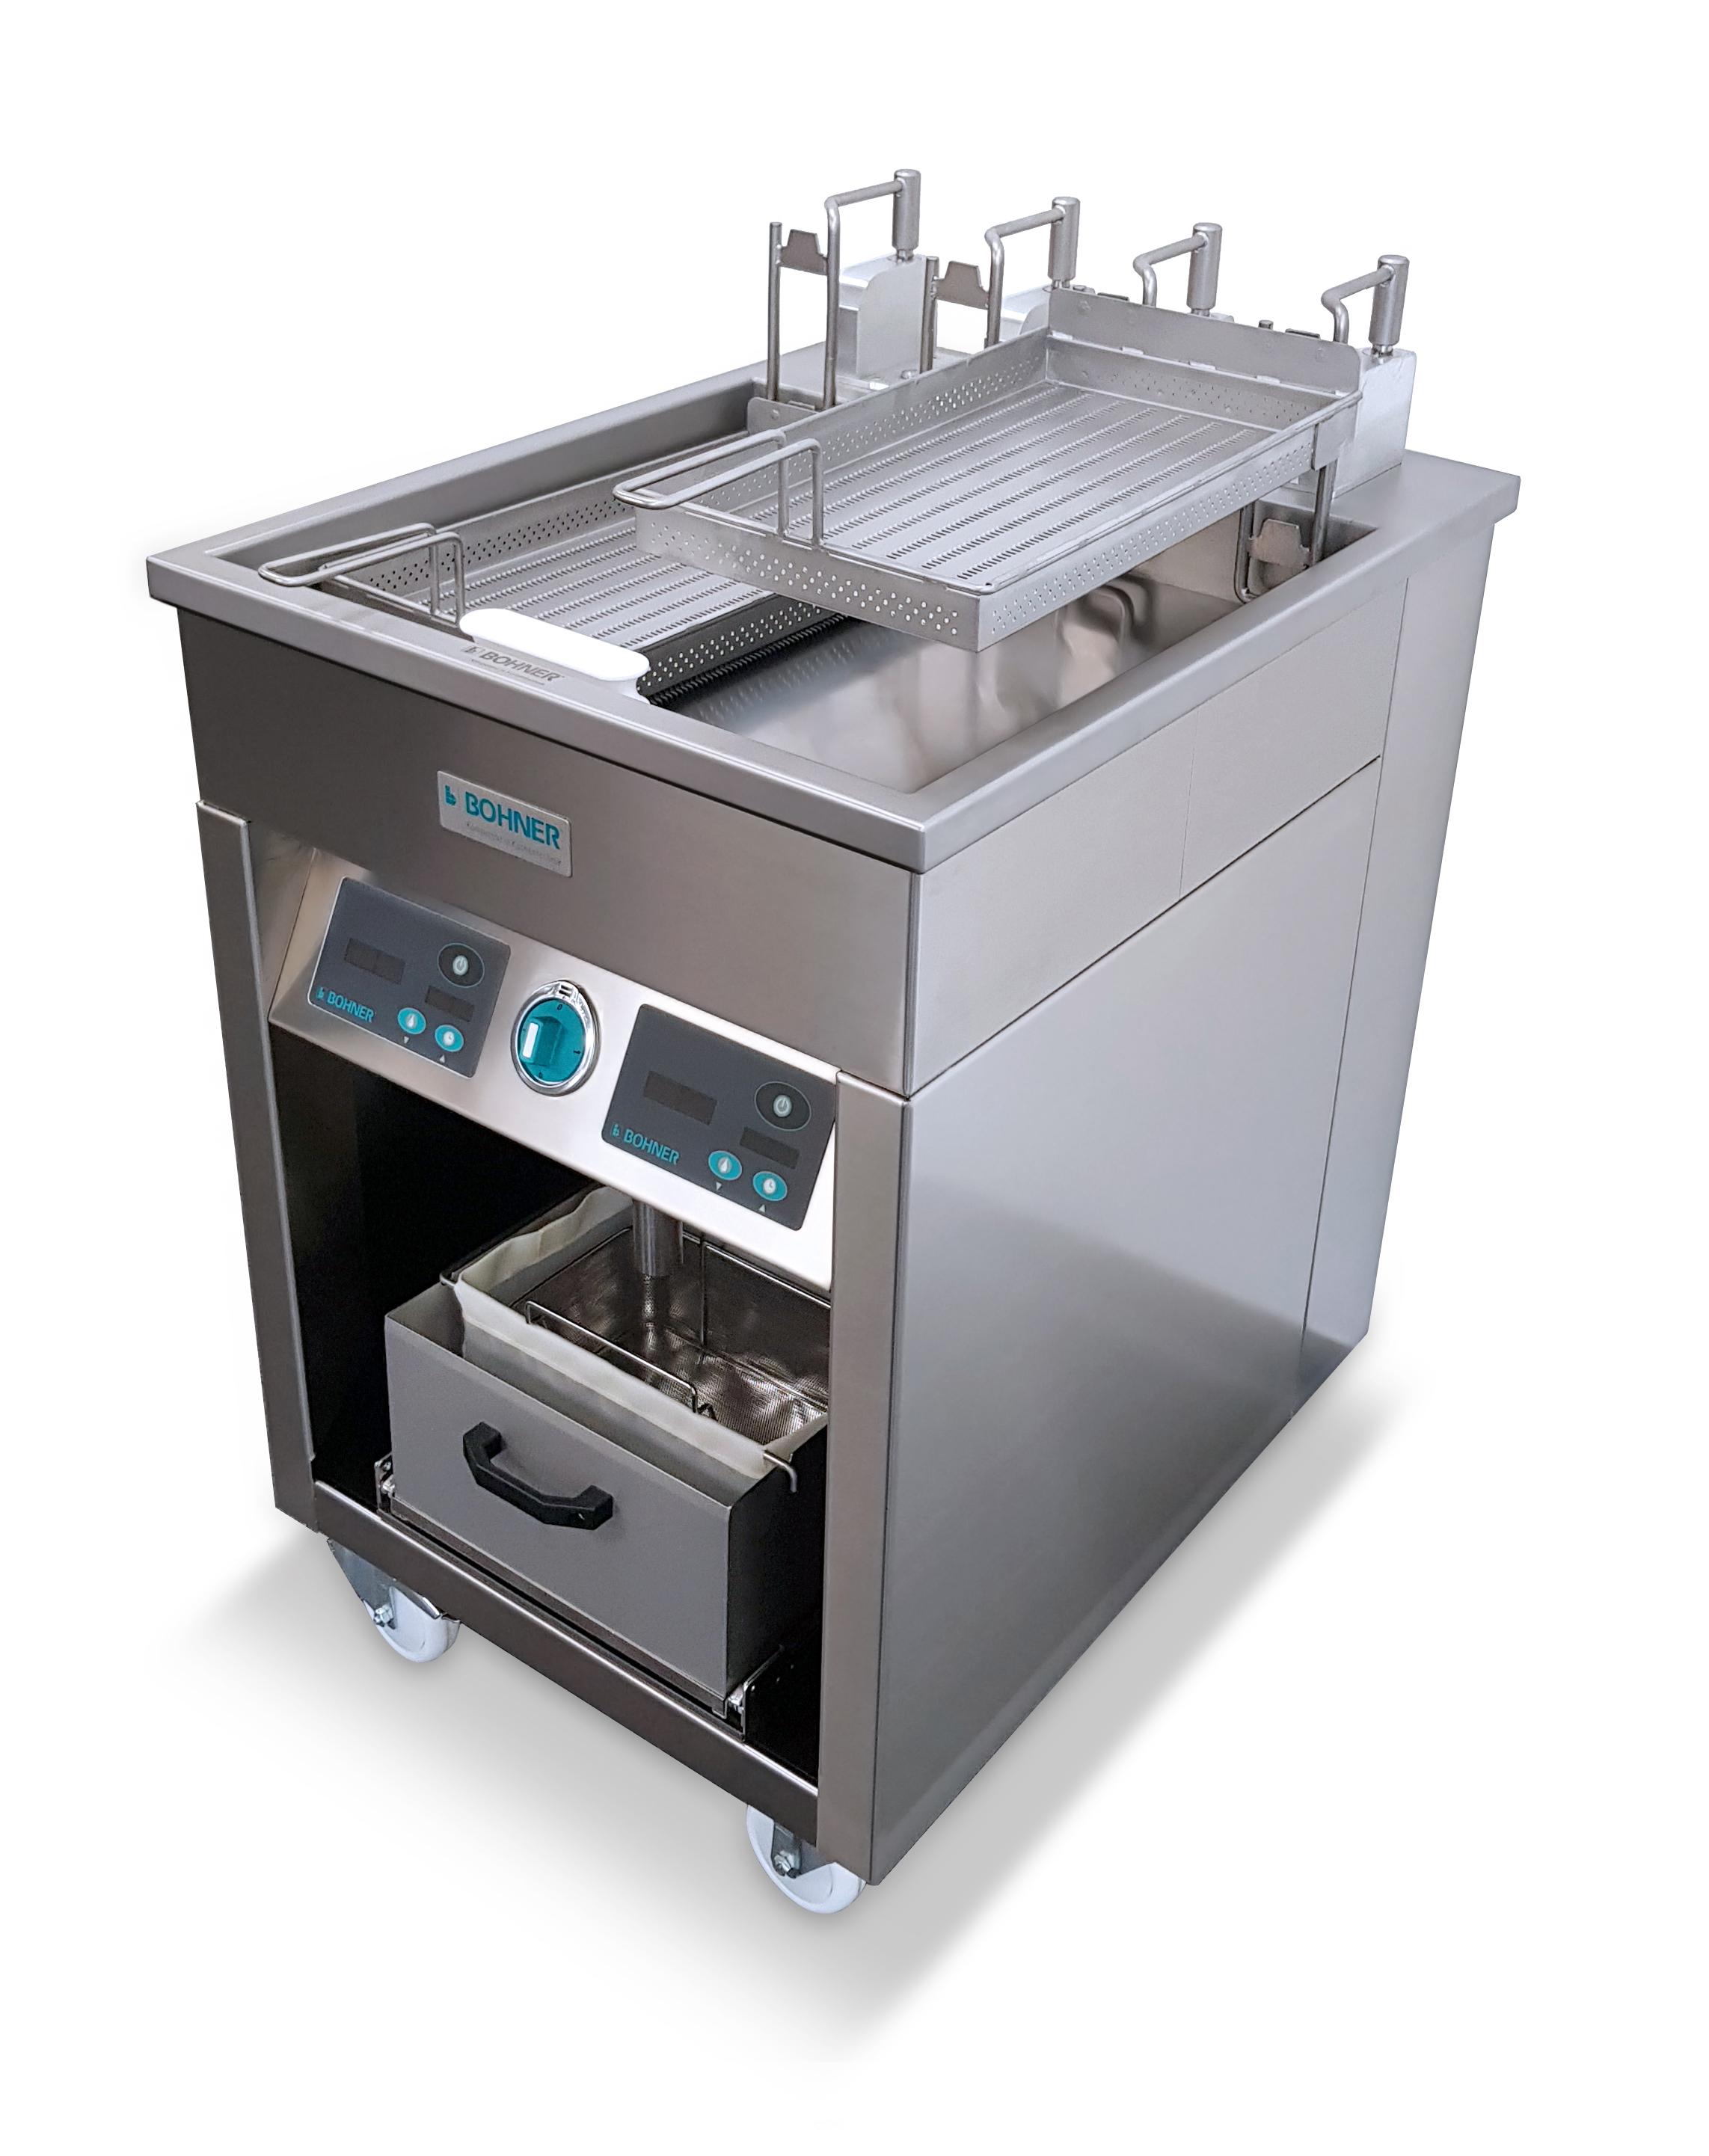 Neuheit 9: Hochleistungs-Schnitzelgrill Digital mit Korbhebeautomatik und Ölpumpsystem (BOHNER)